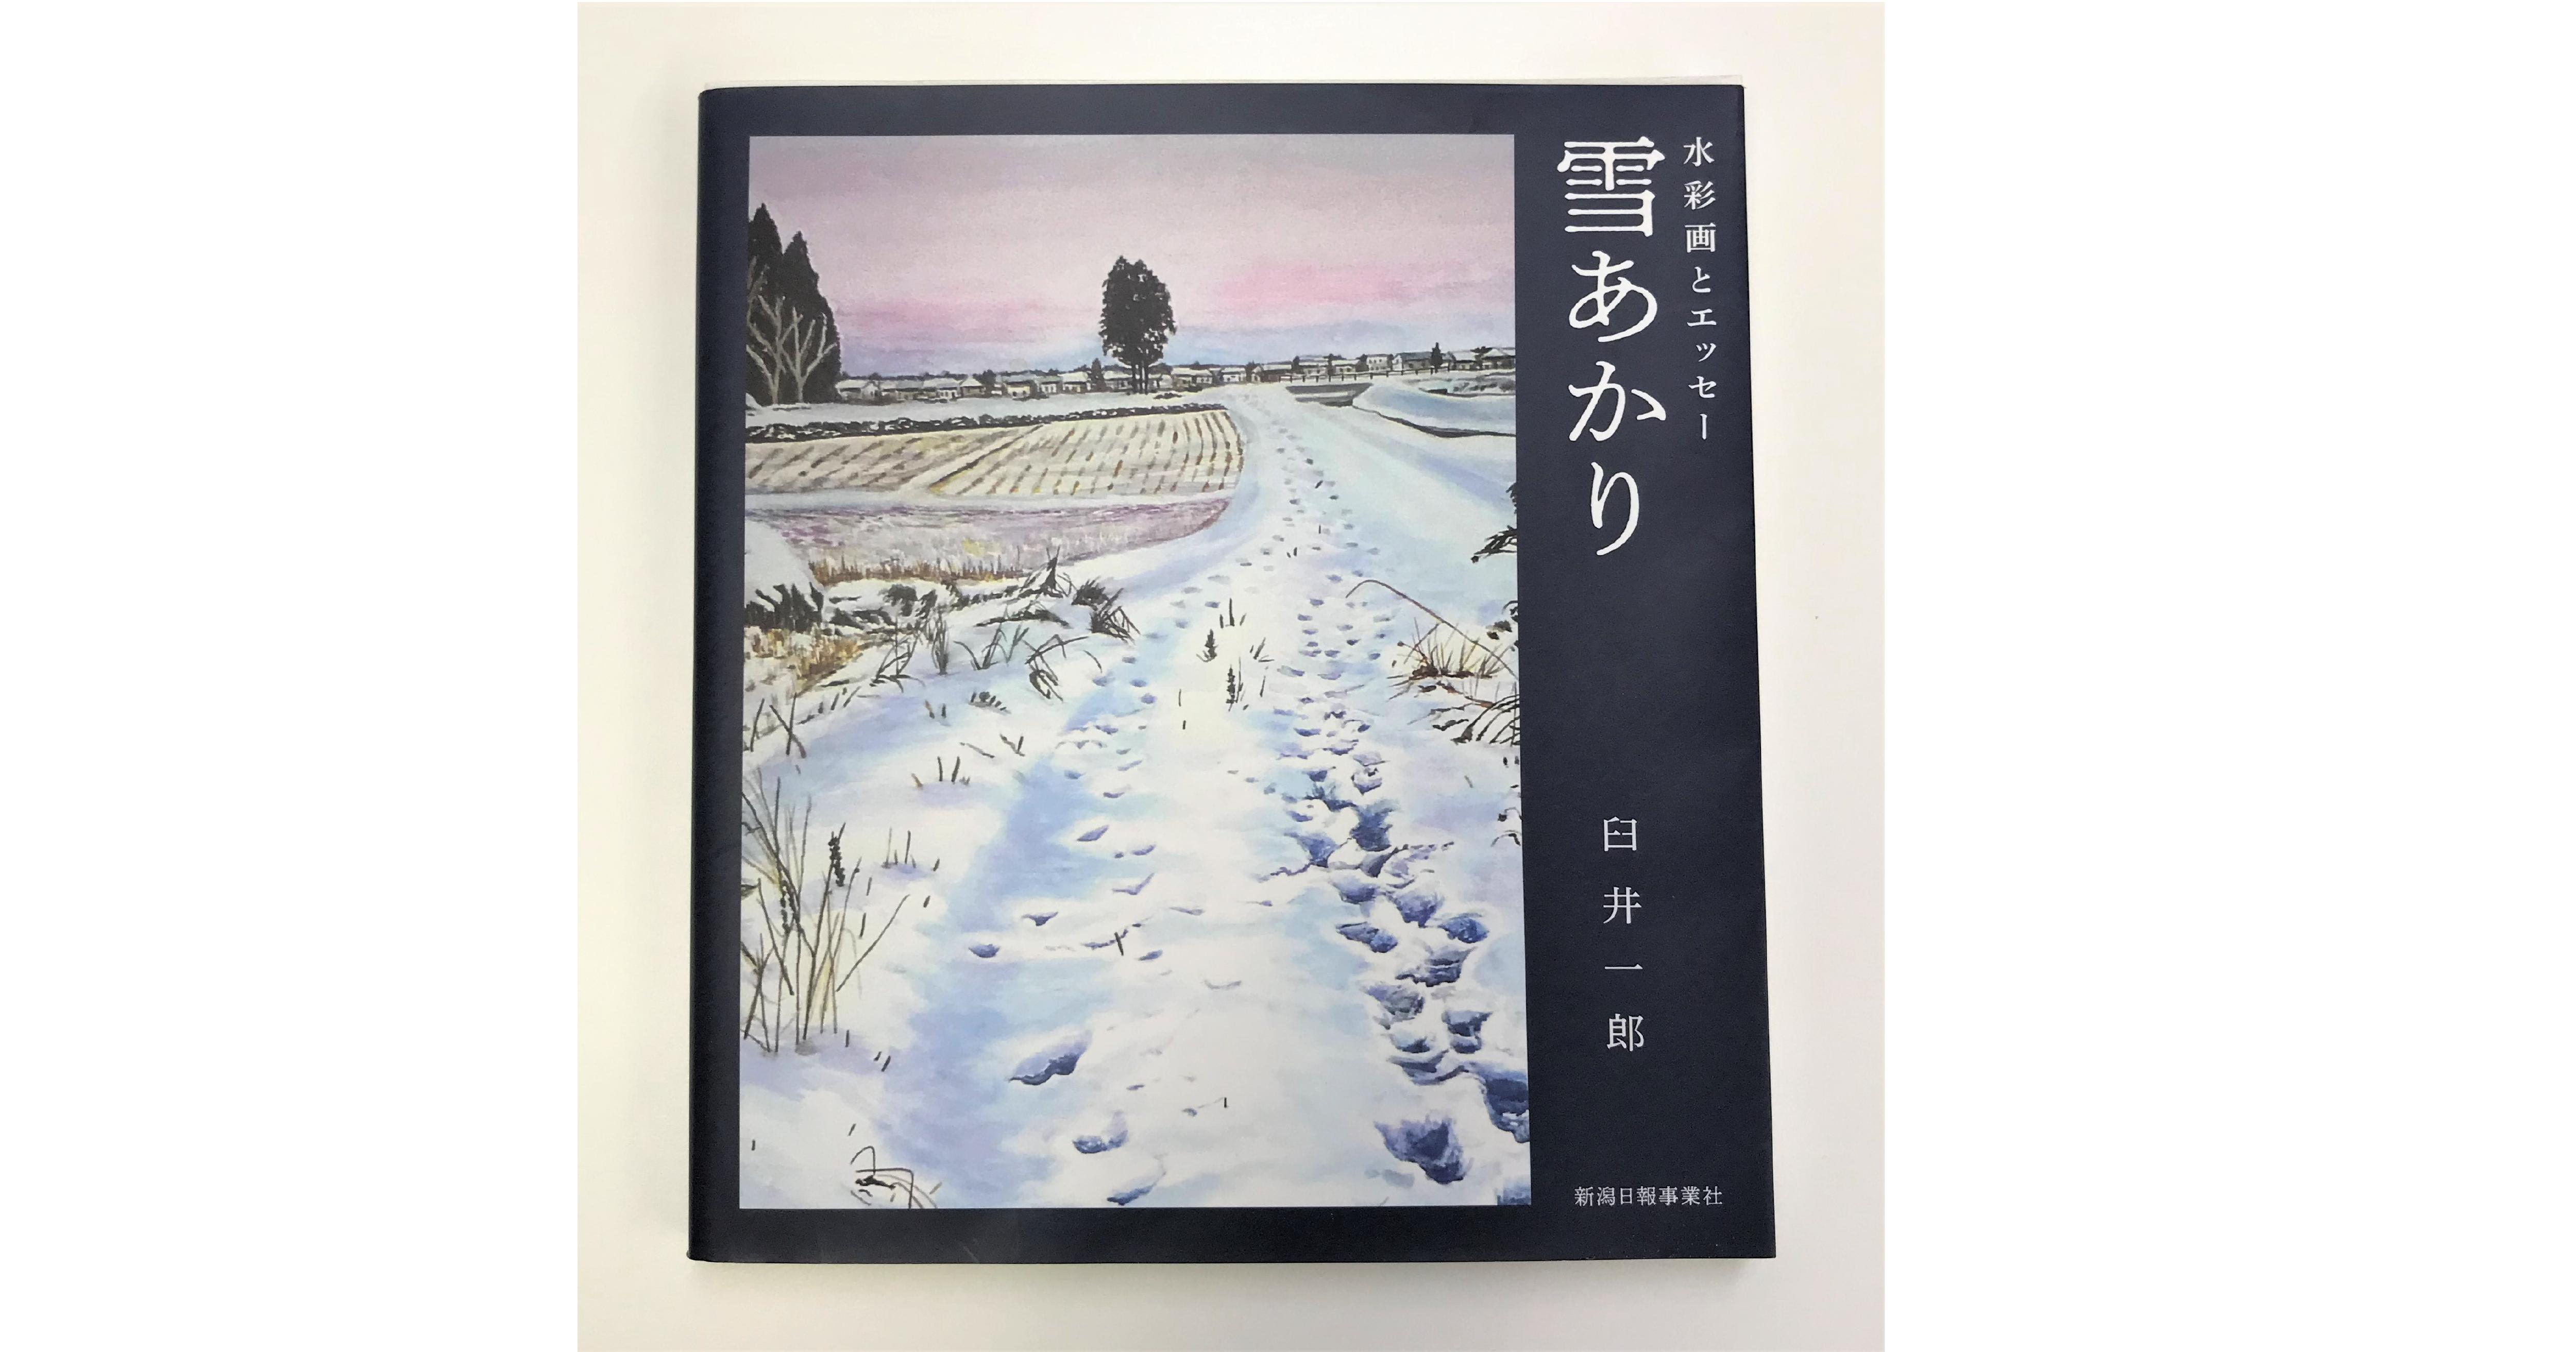 新潟日報事業社様/水彩画とエッセー 雪あかり